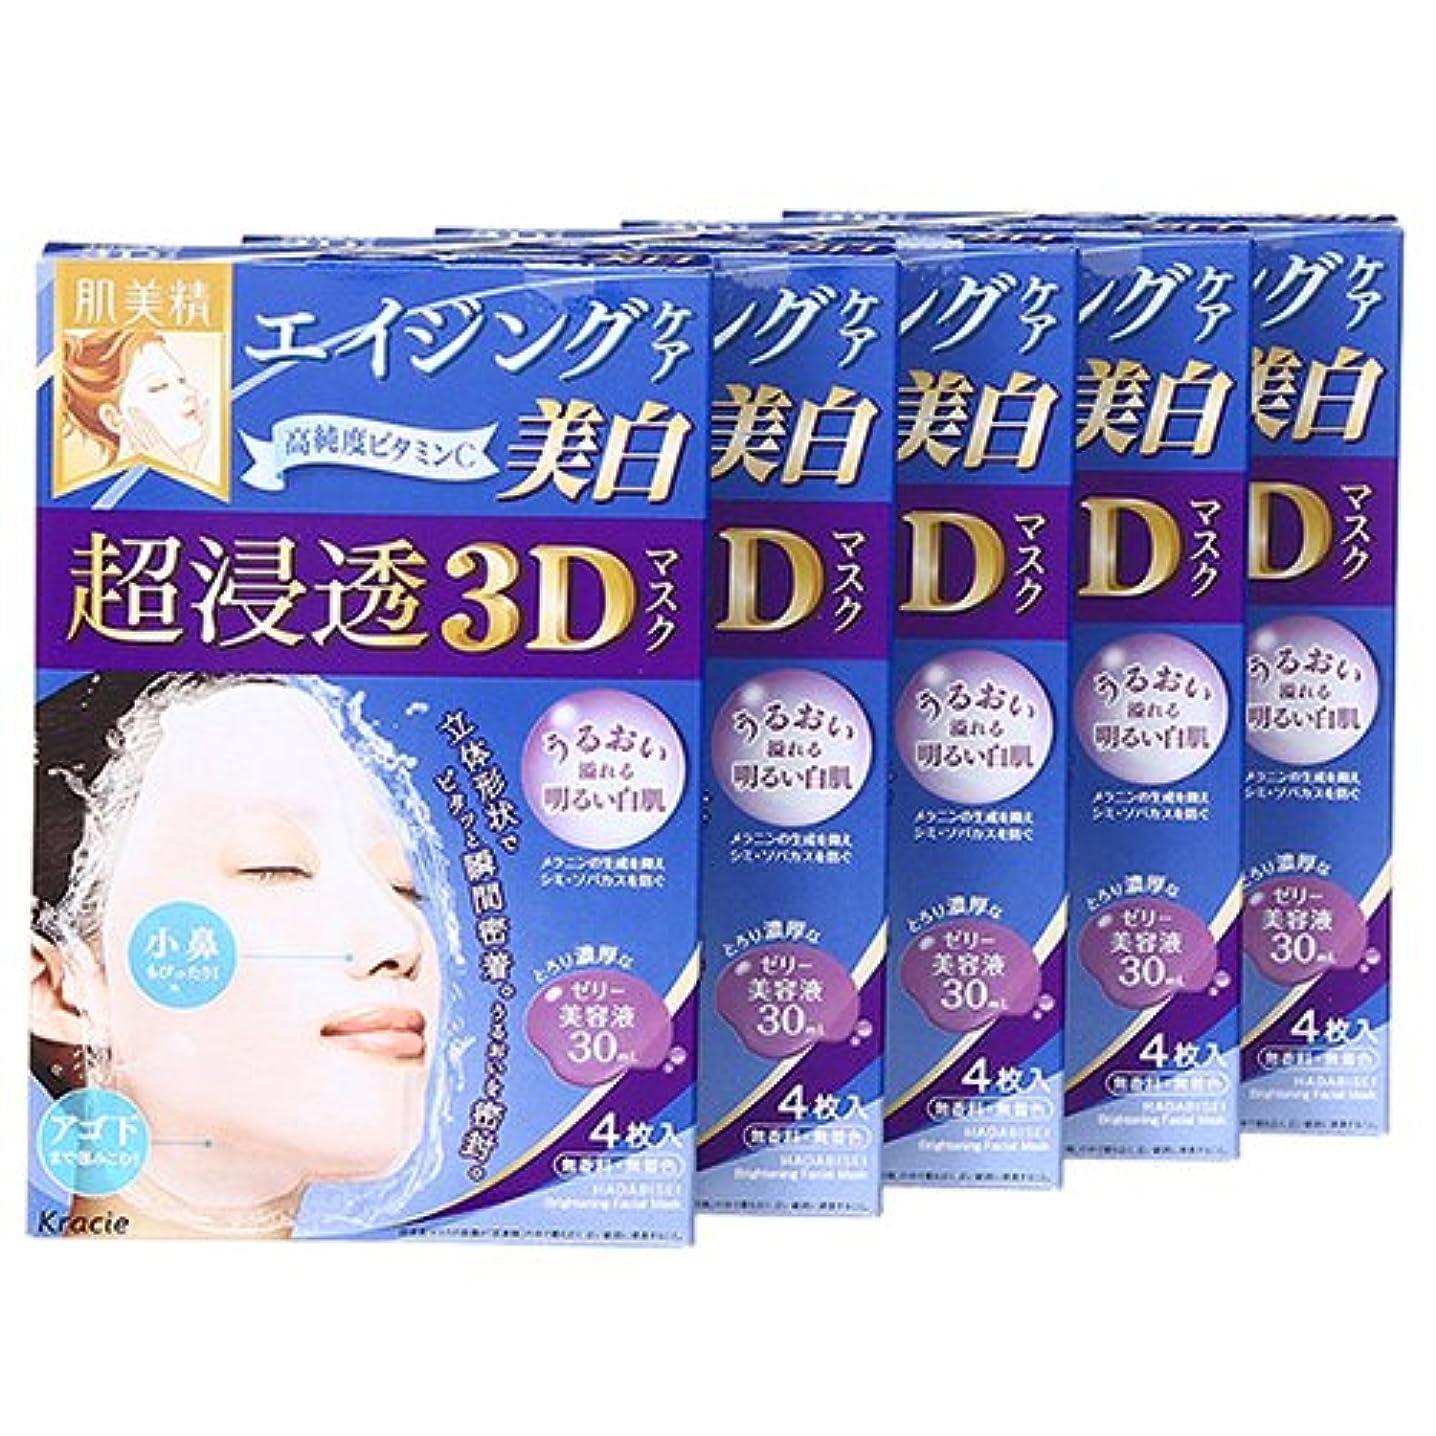 相対的ながらヶ月目クラシエホームプロダクツ 肌美精 超浸透3Dマスク エイジングケア(美白) 4枚入 (美容液30mL/1枚) 5点セット [並行輸入品]